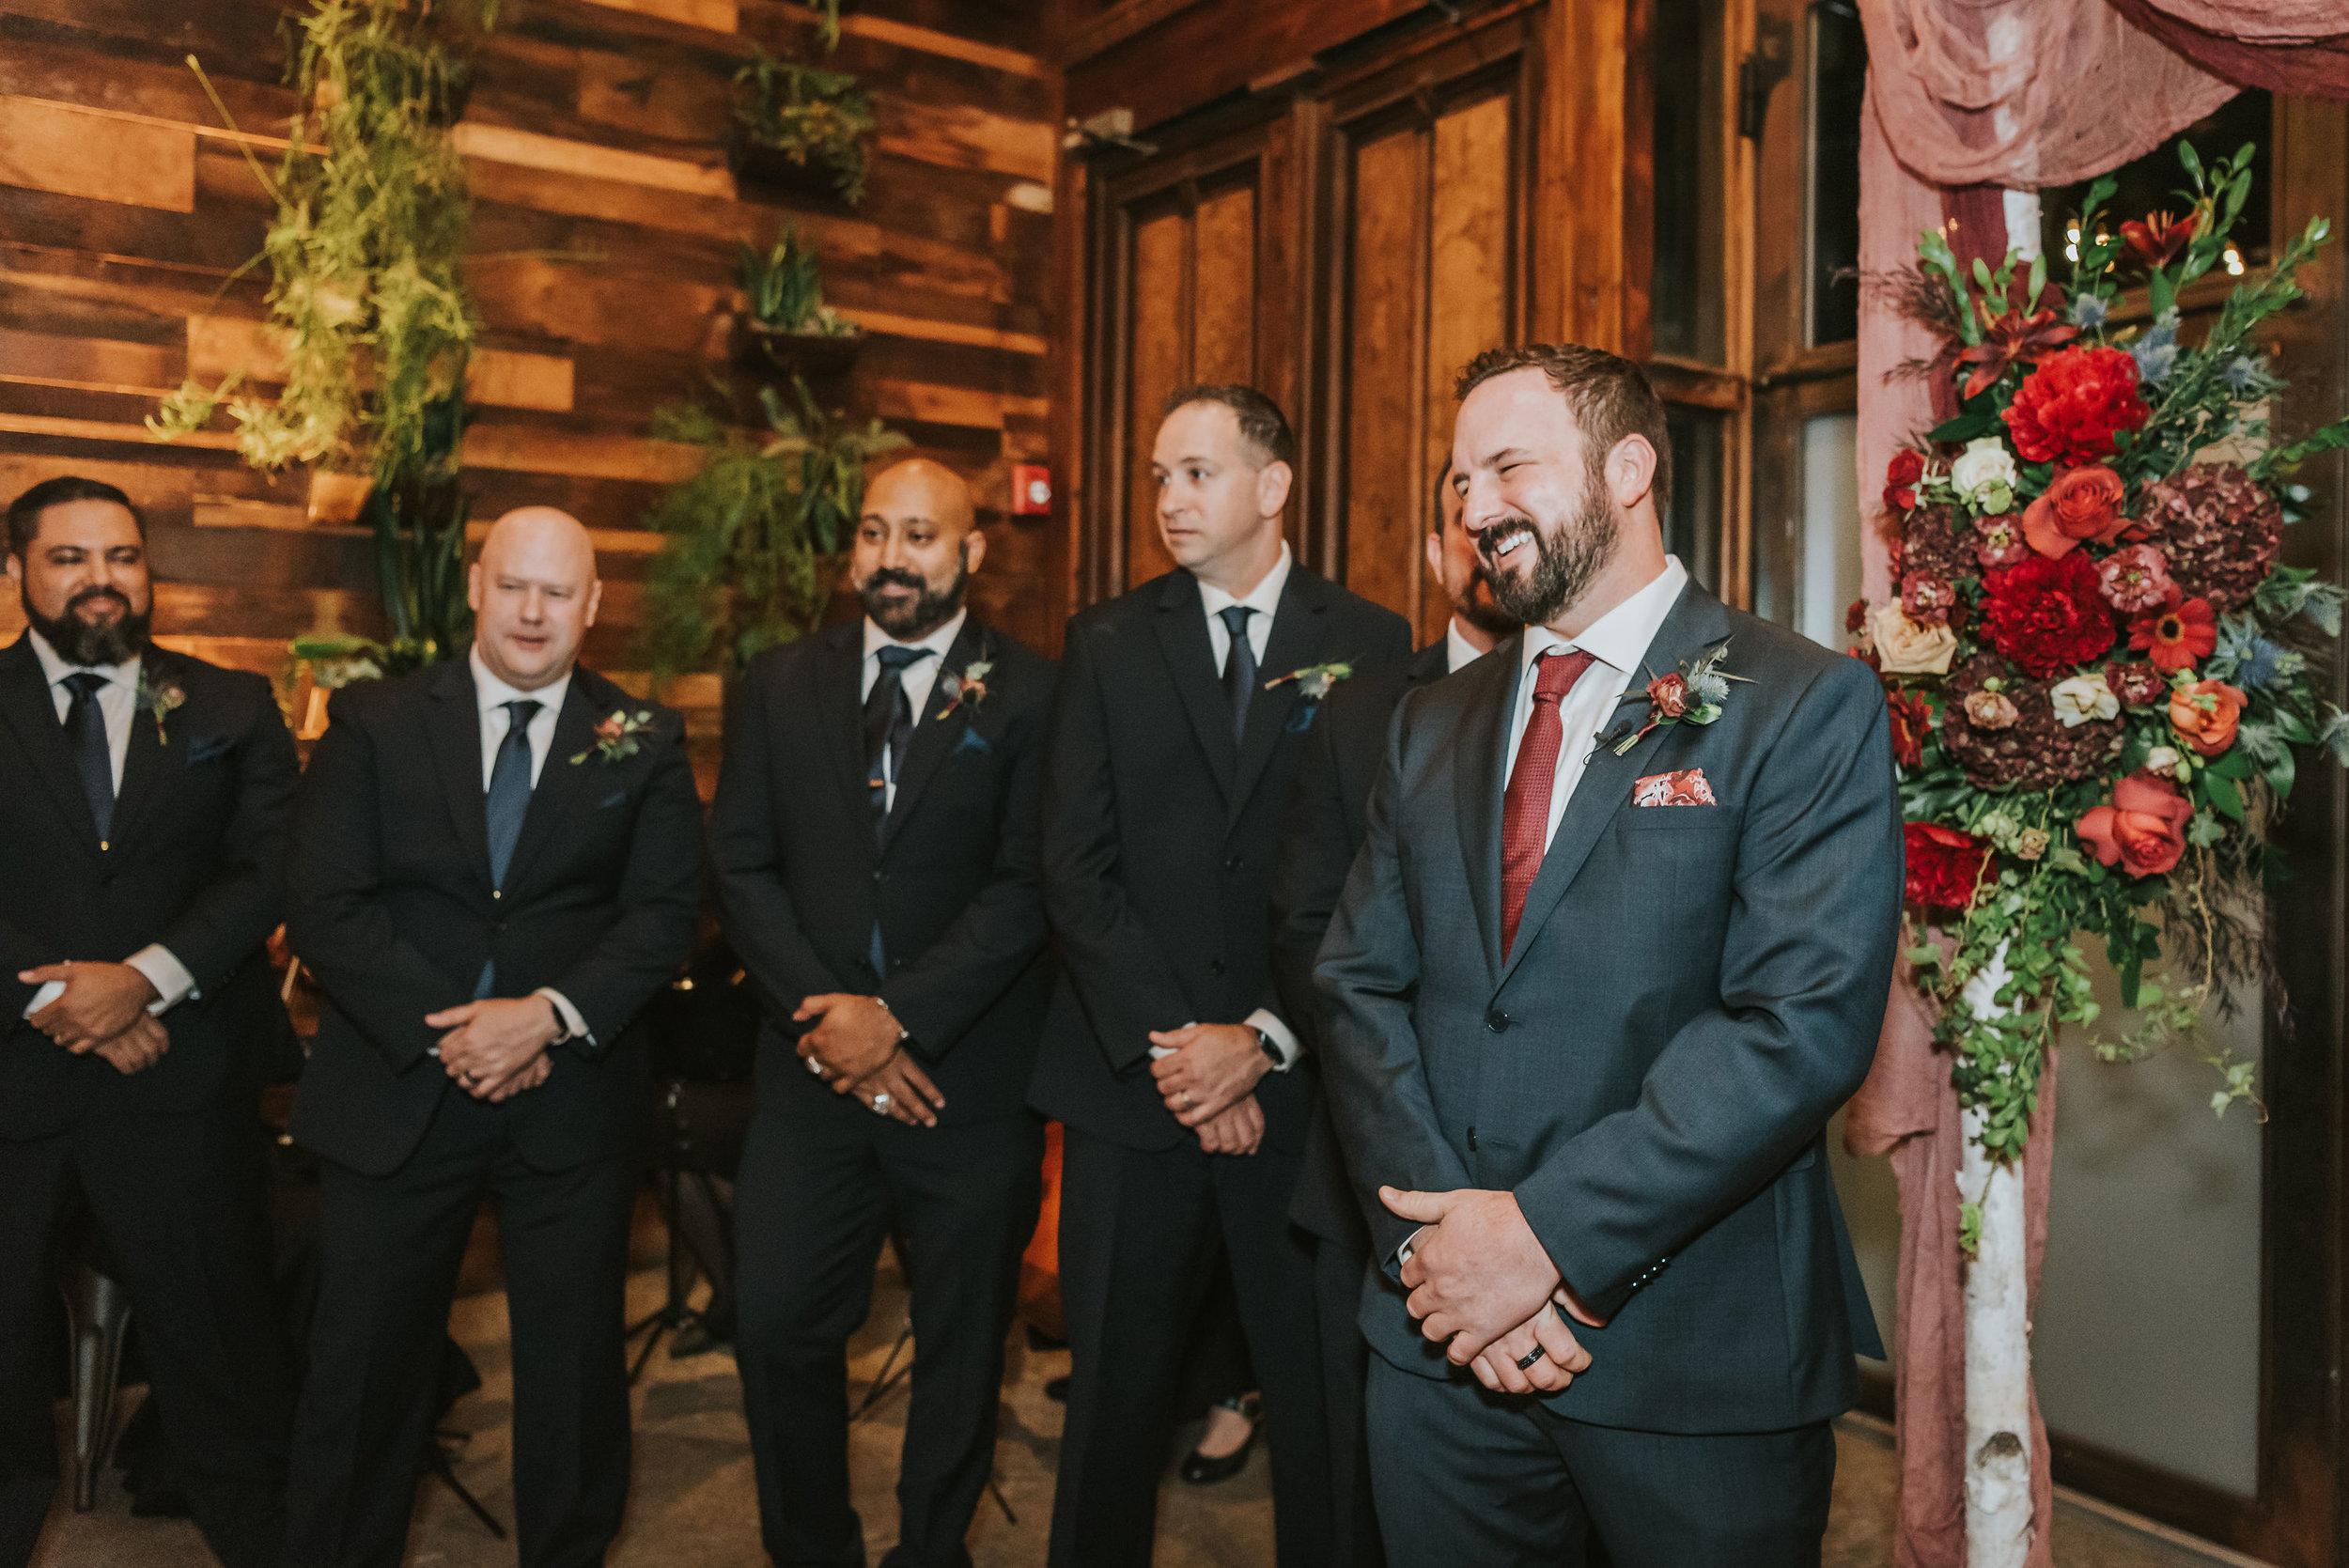 Juztina & Justin Brooklyn Winery NYC Wedding 098.jpg